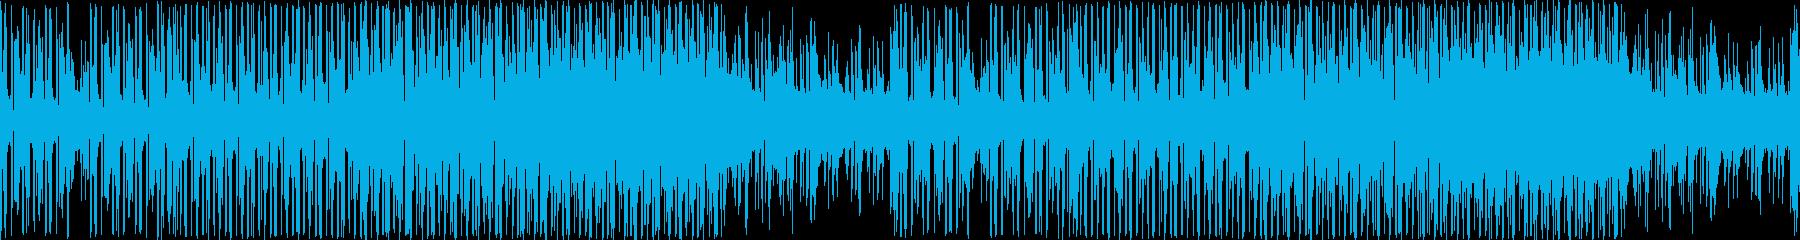 シンプルで無機質なテクノ/ループ仕様の再生済みの波形